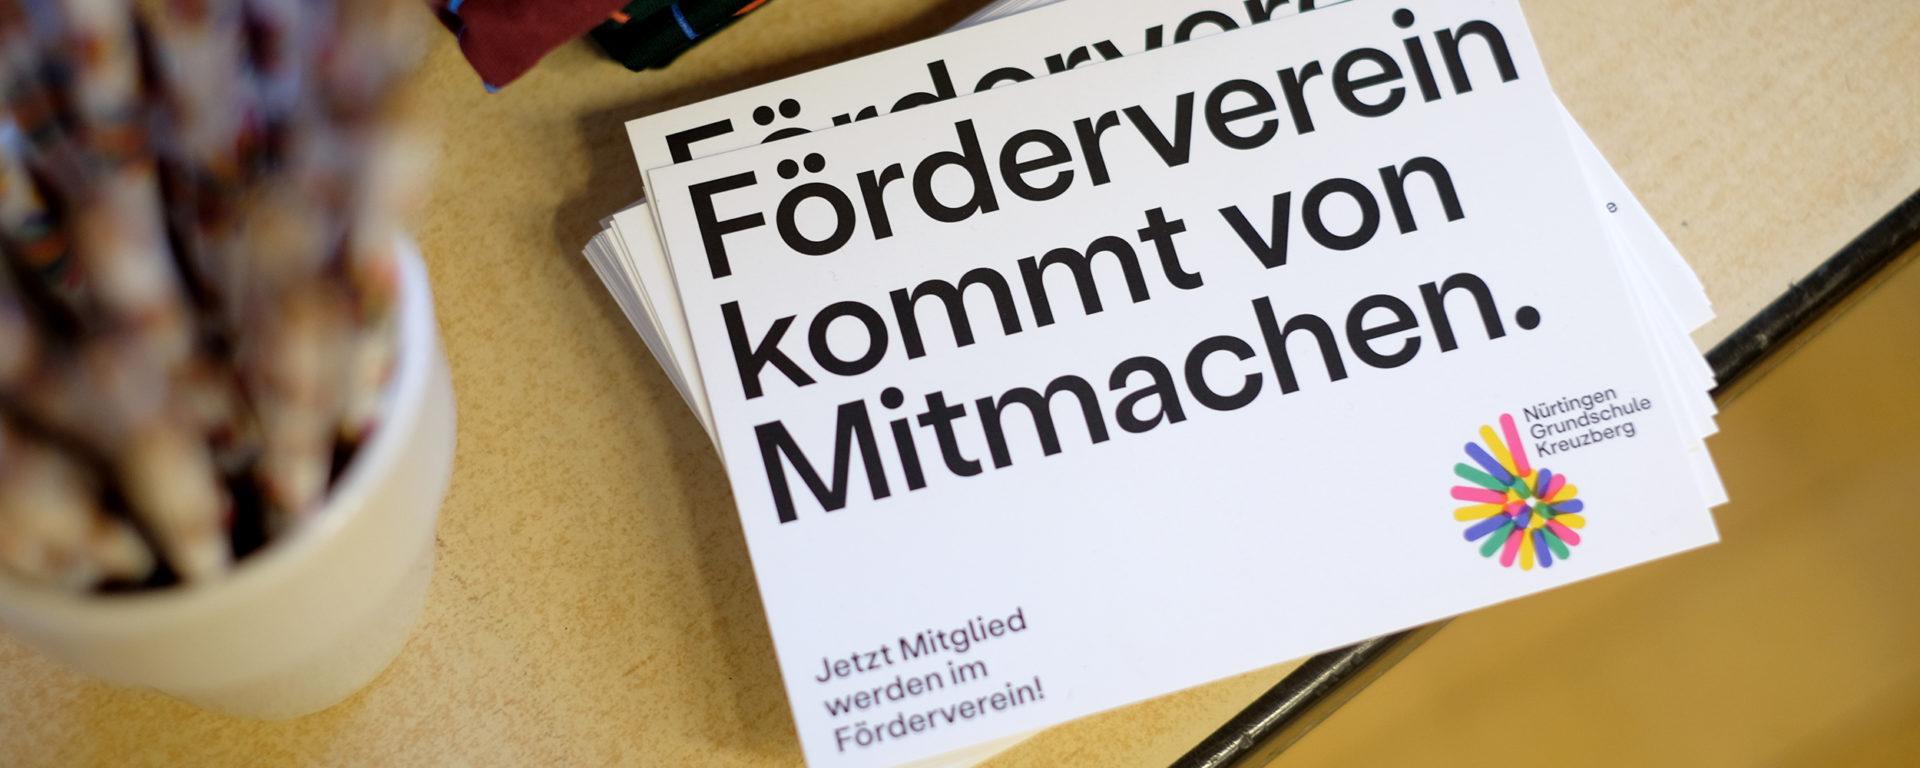 """Postkarten des Förderveriens der Schule mit Schriftzug """"Förderverein kommt von Mitmachen."""""""